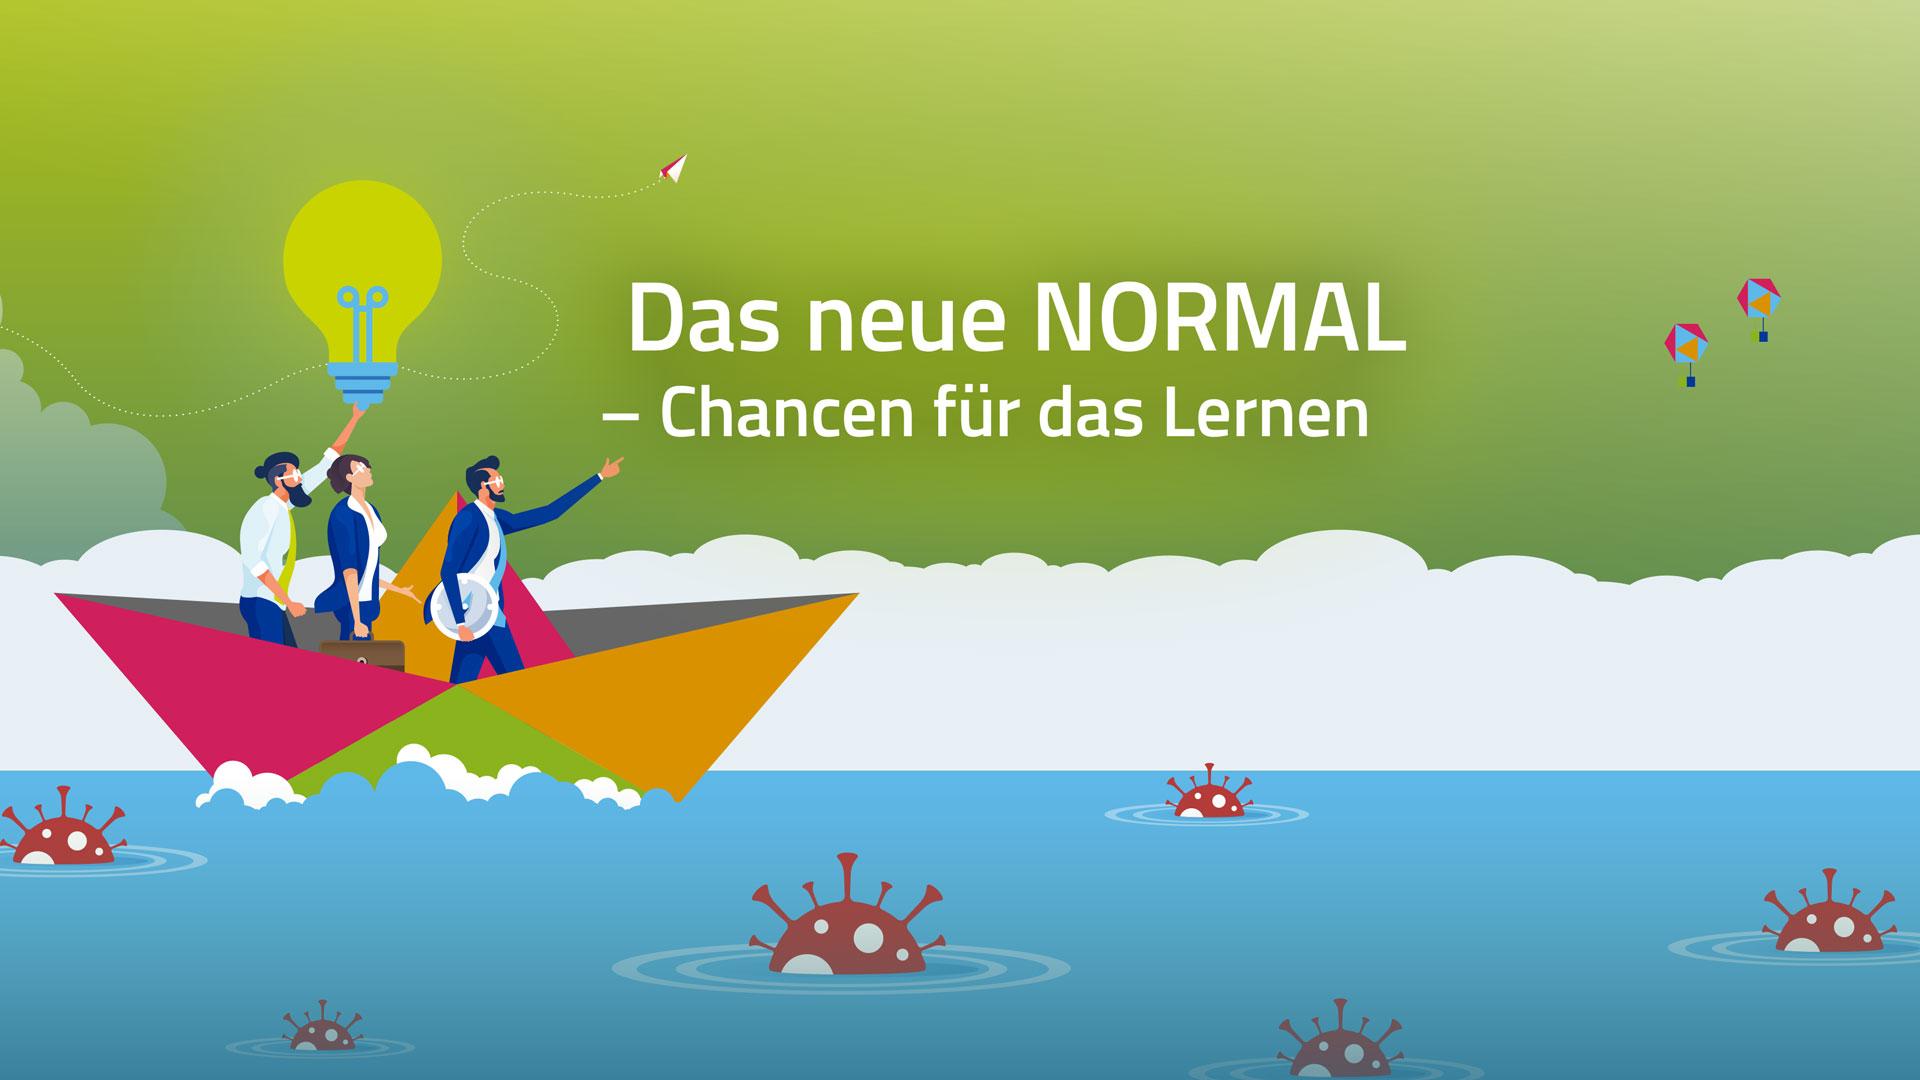 Das neue NORMAL – Chancen für das Lernen, Innovative Konzepte für Personal-, Organisations- und Bildungsverantwortliche, Bildungskongress der deutschen Versicherungswirtschaft, DVA